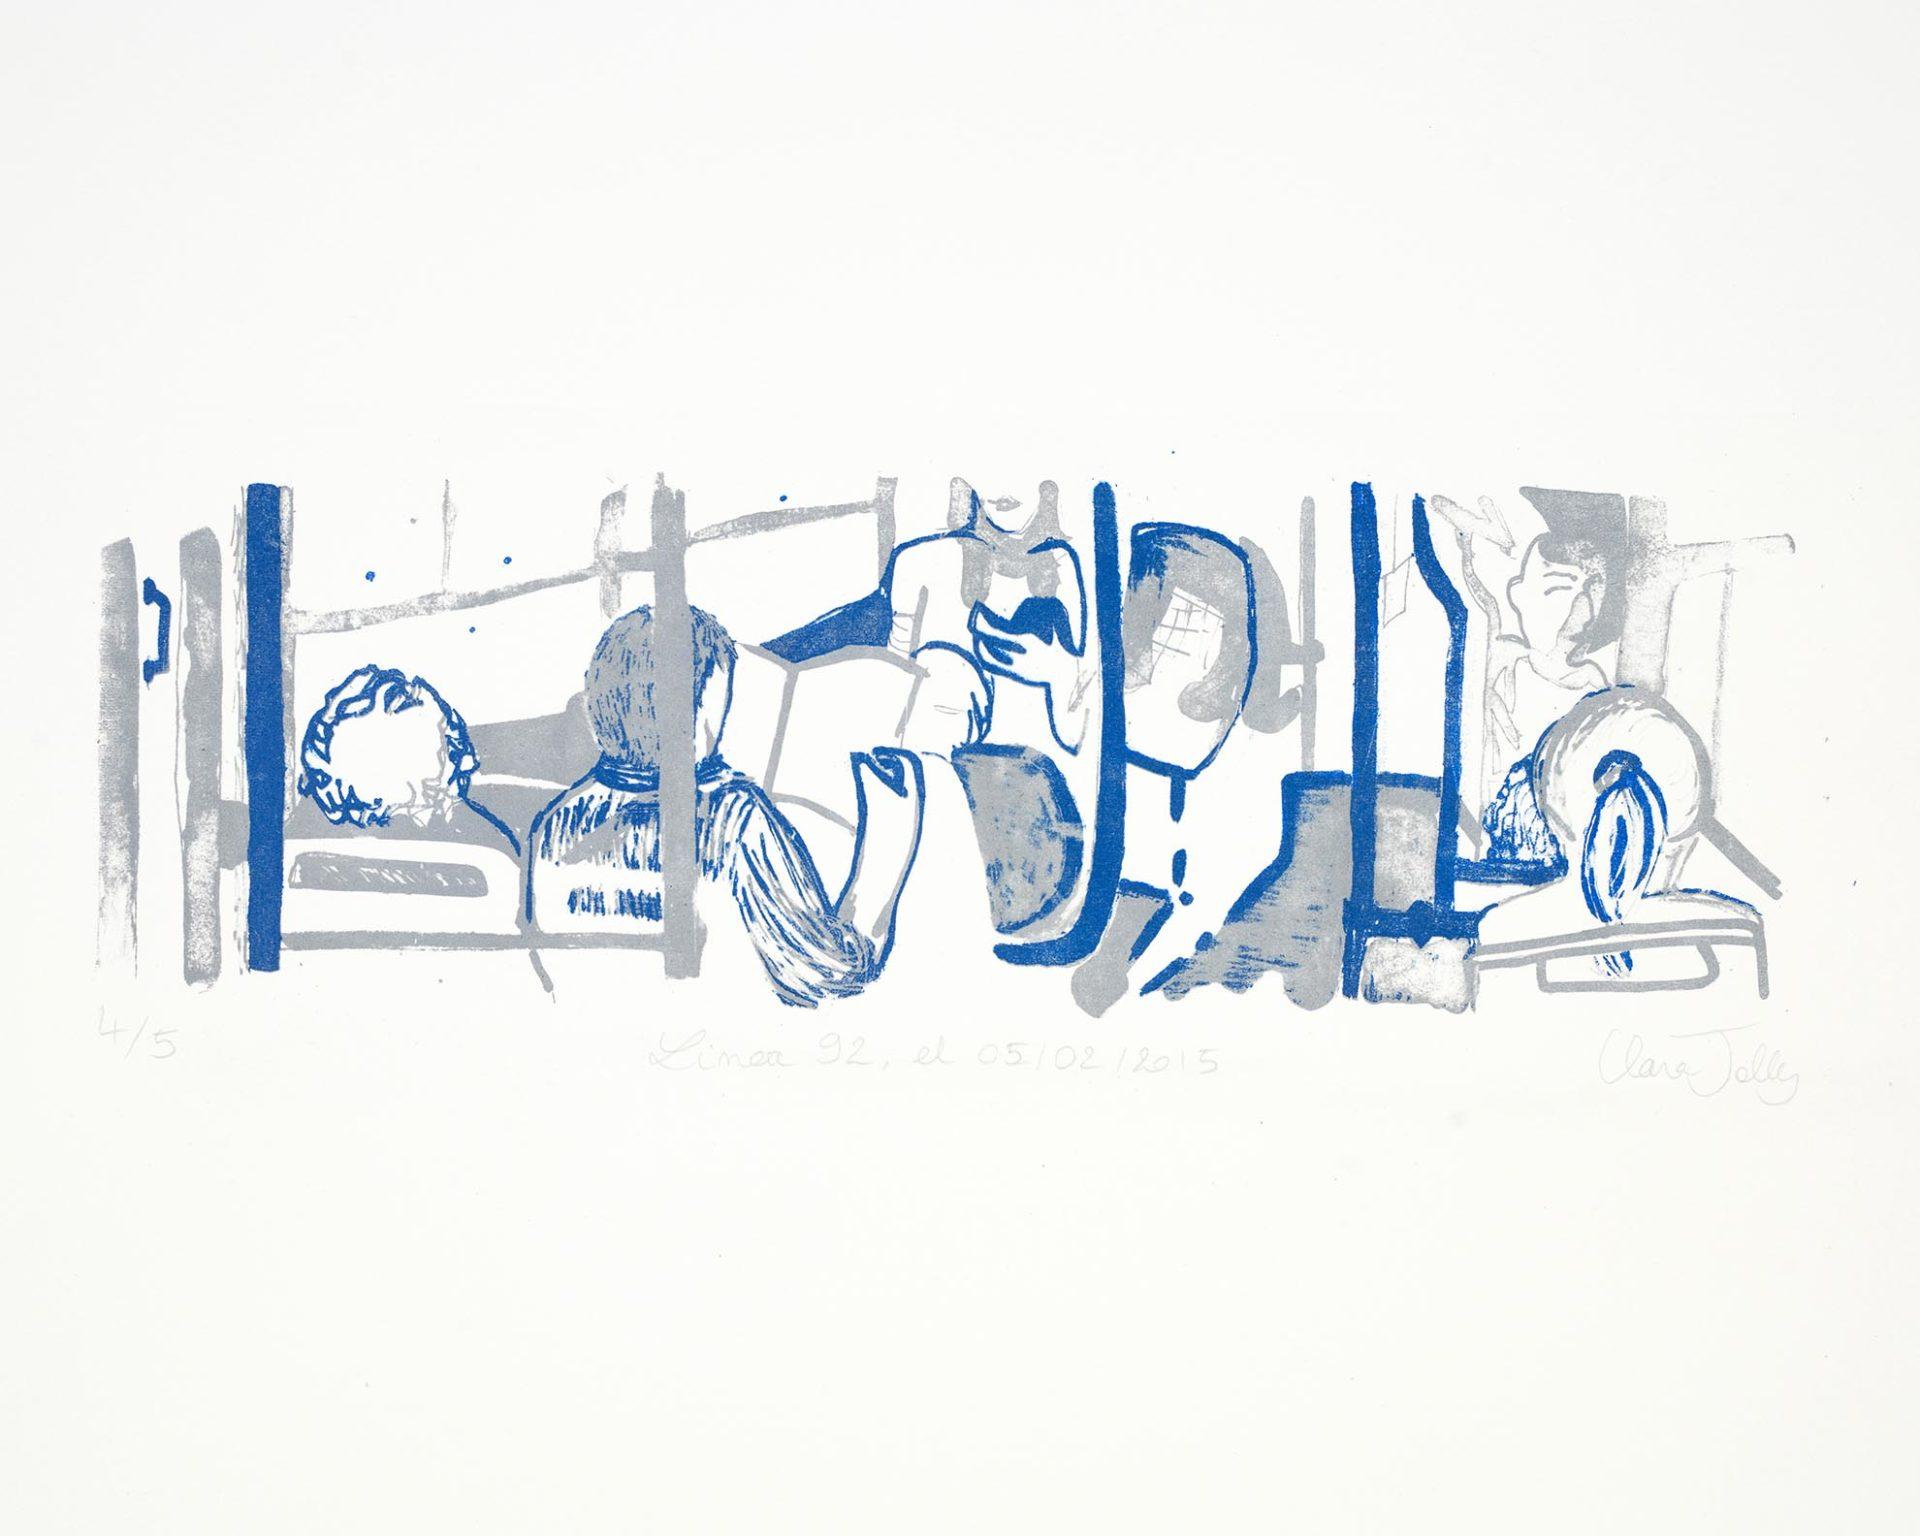 Lithographie en deux couleurs (gris et bleu foncé) représentant les passagers du bus 92 le 05/02/2015